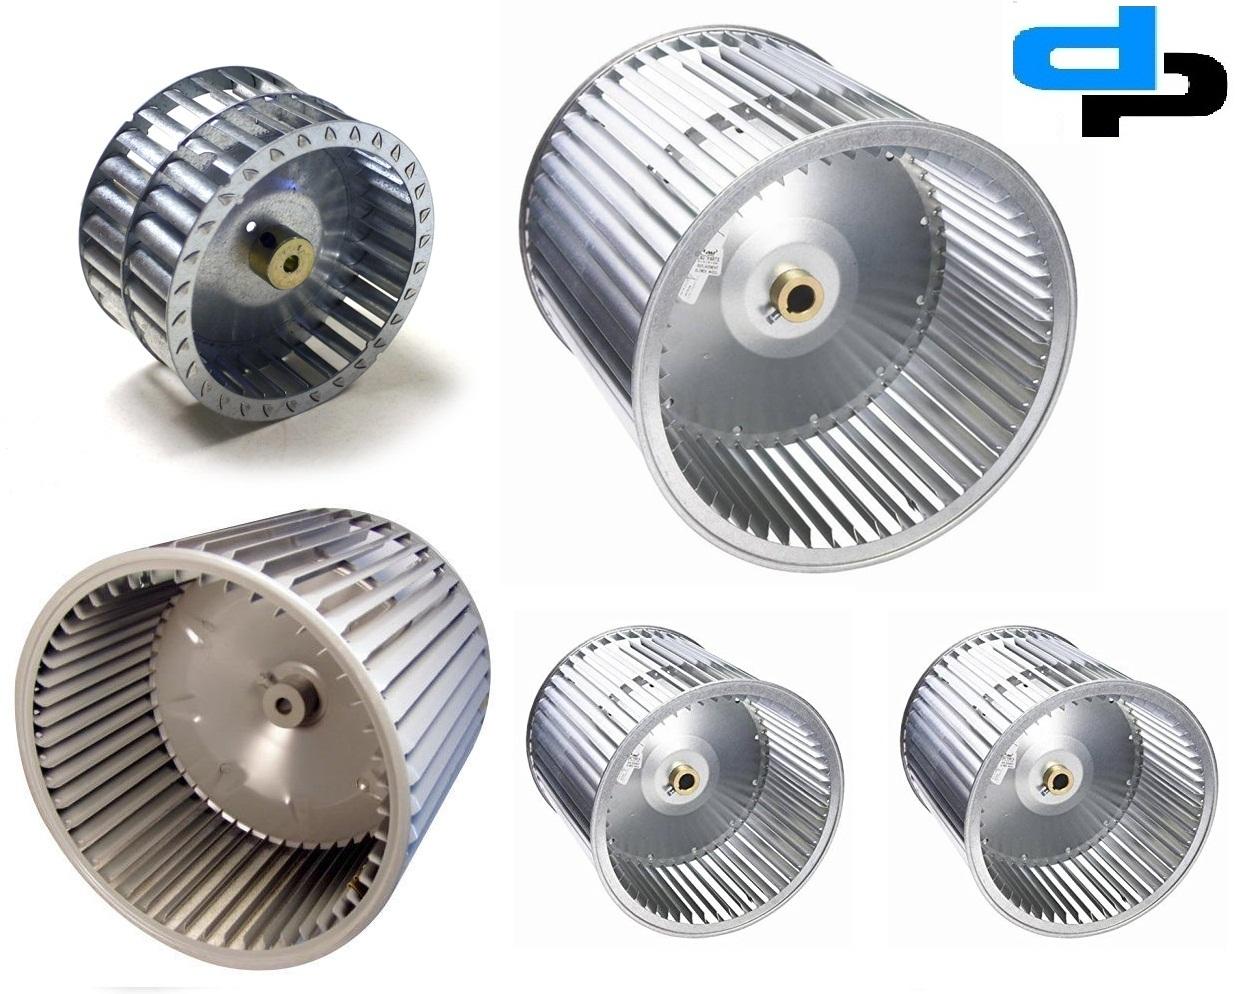 DIDW Centrifugal Fan 530 MM X 530 MM